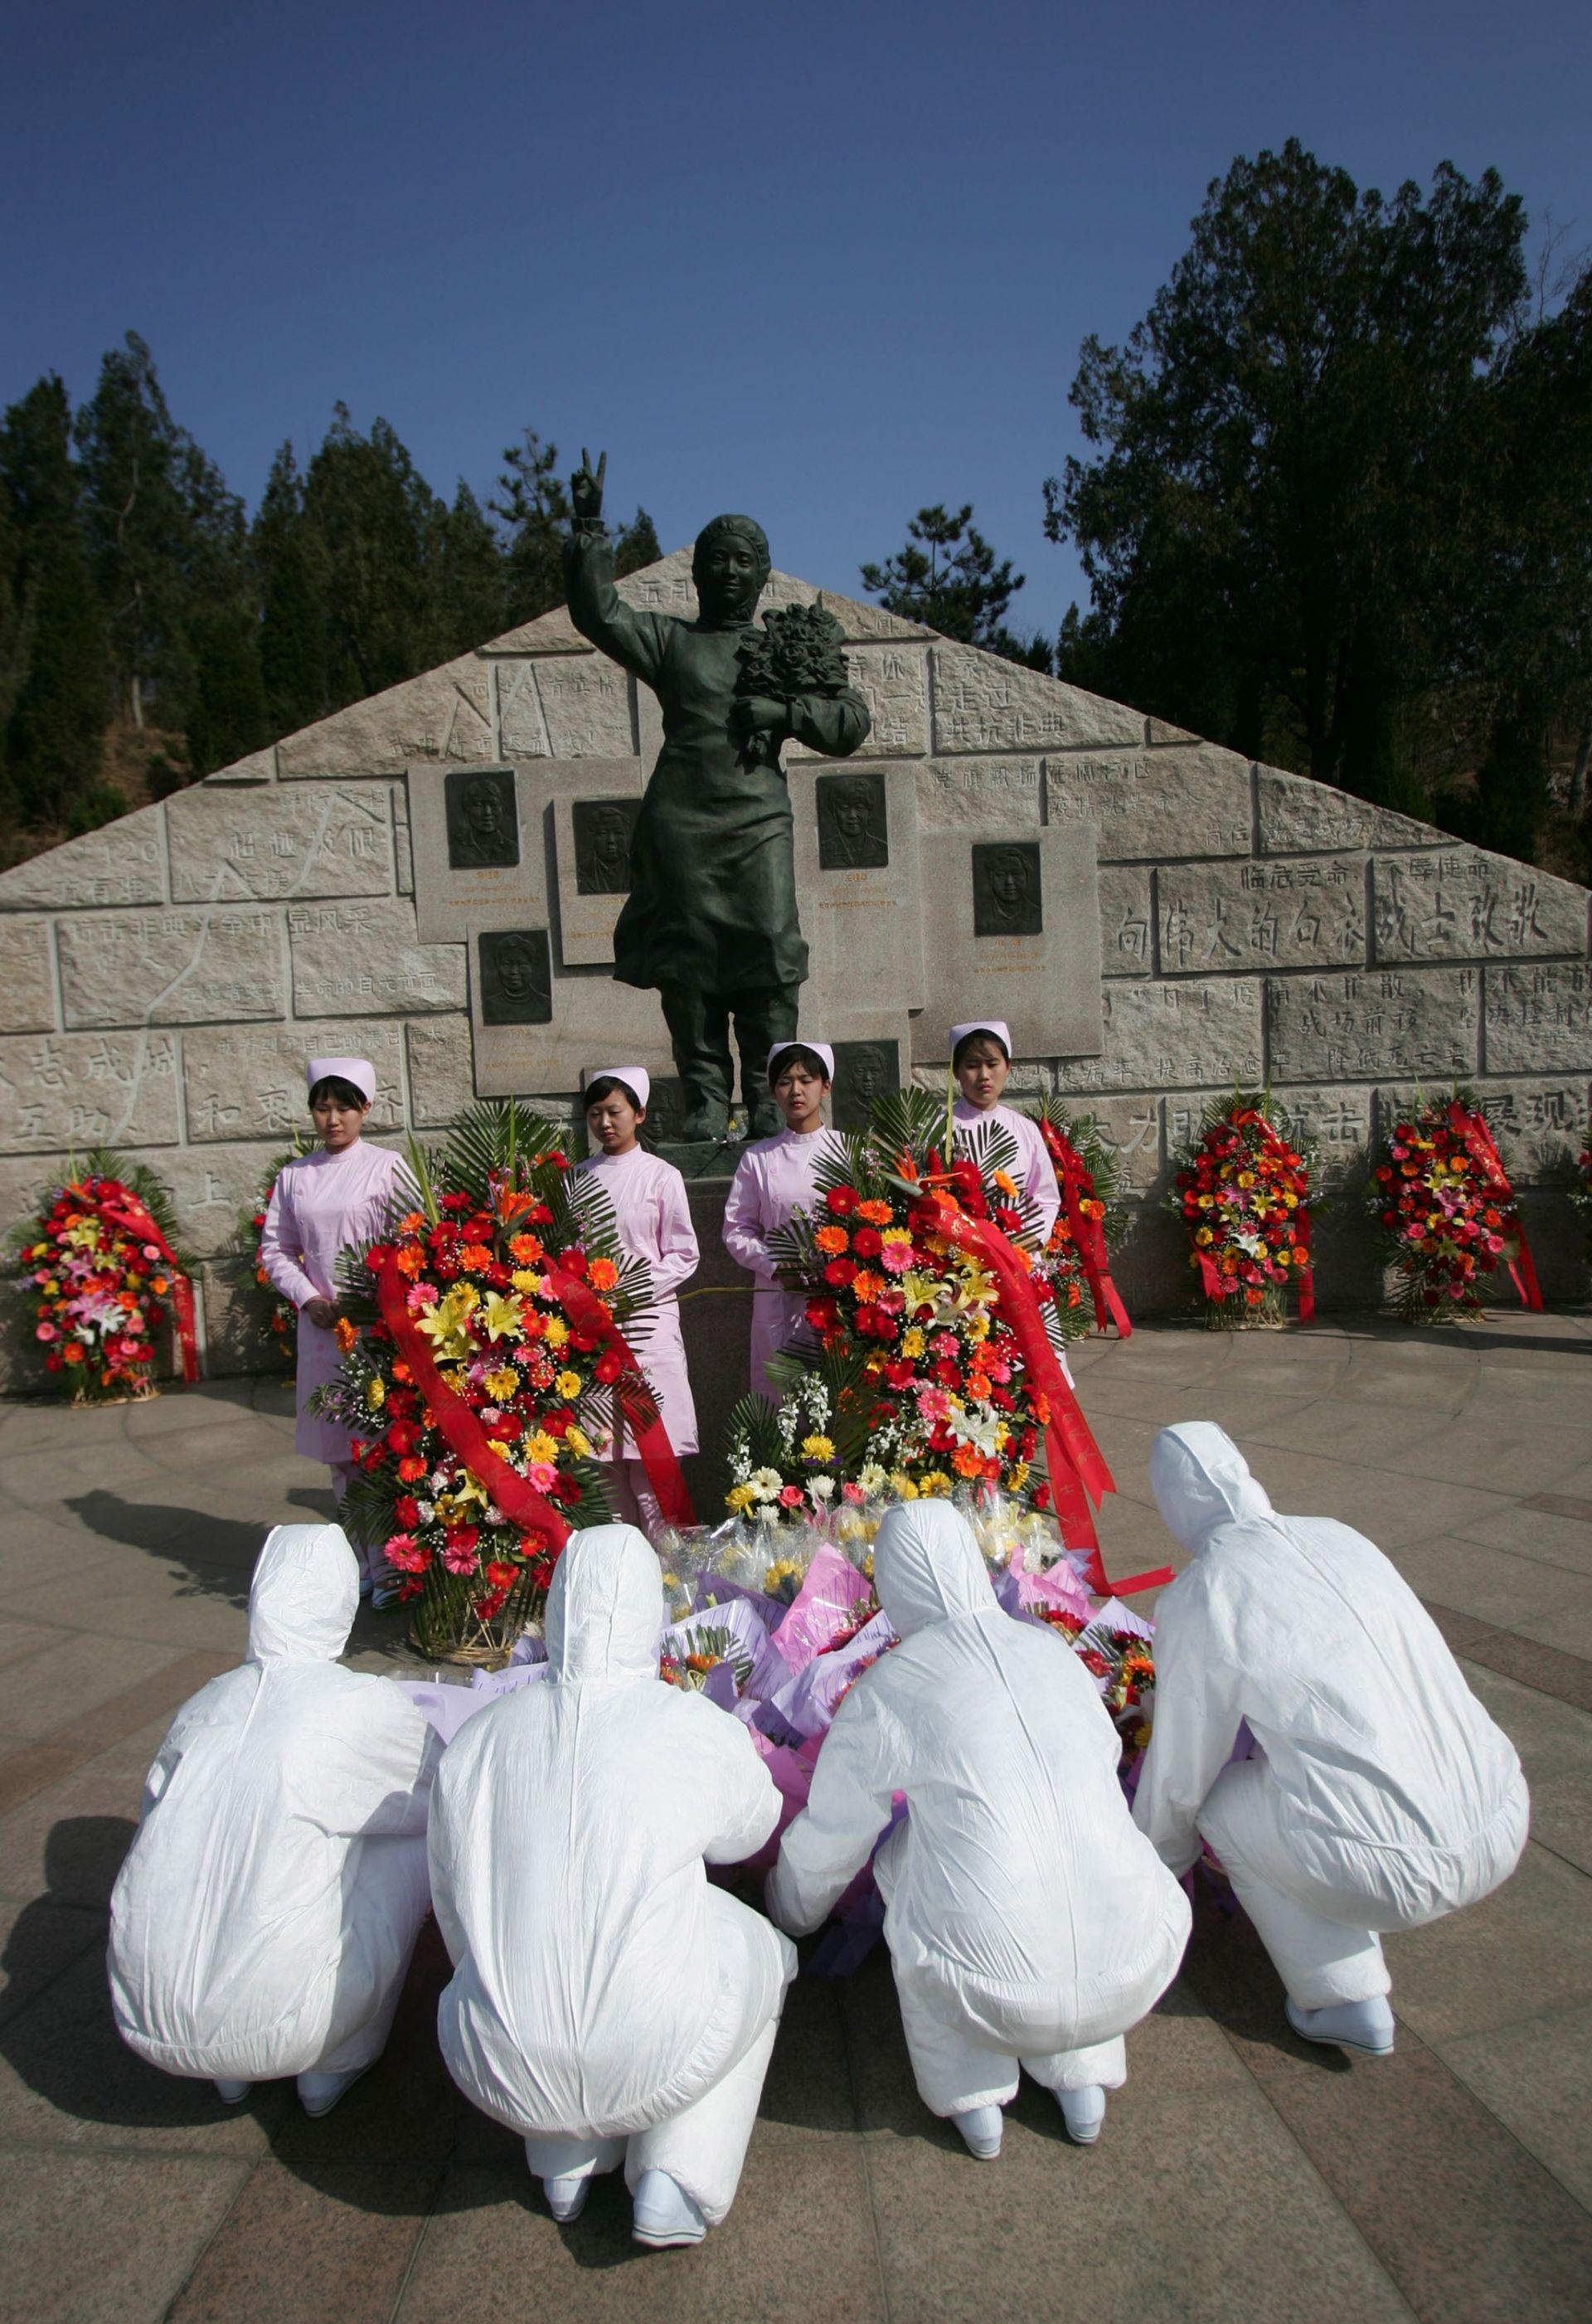 Април 2008 г.: Медицински сестри полагат цветя в памет на загиналите си колеги по време на SARS